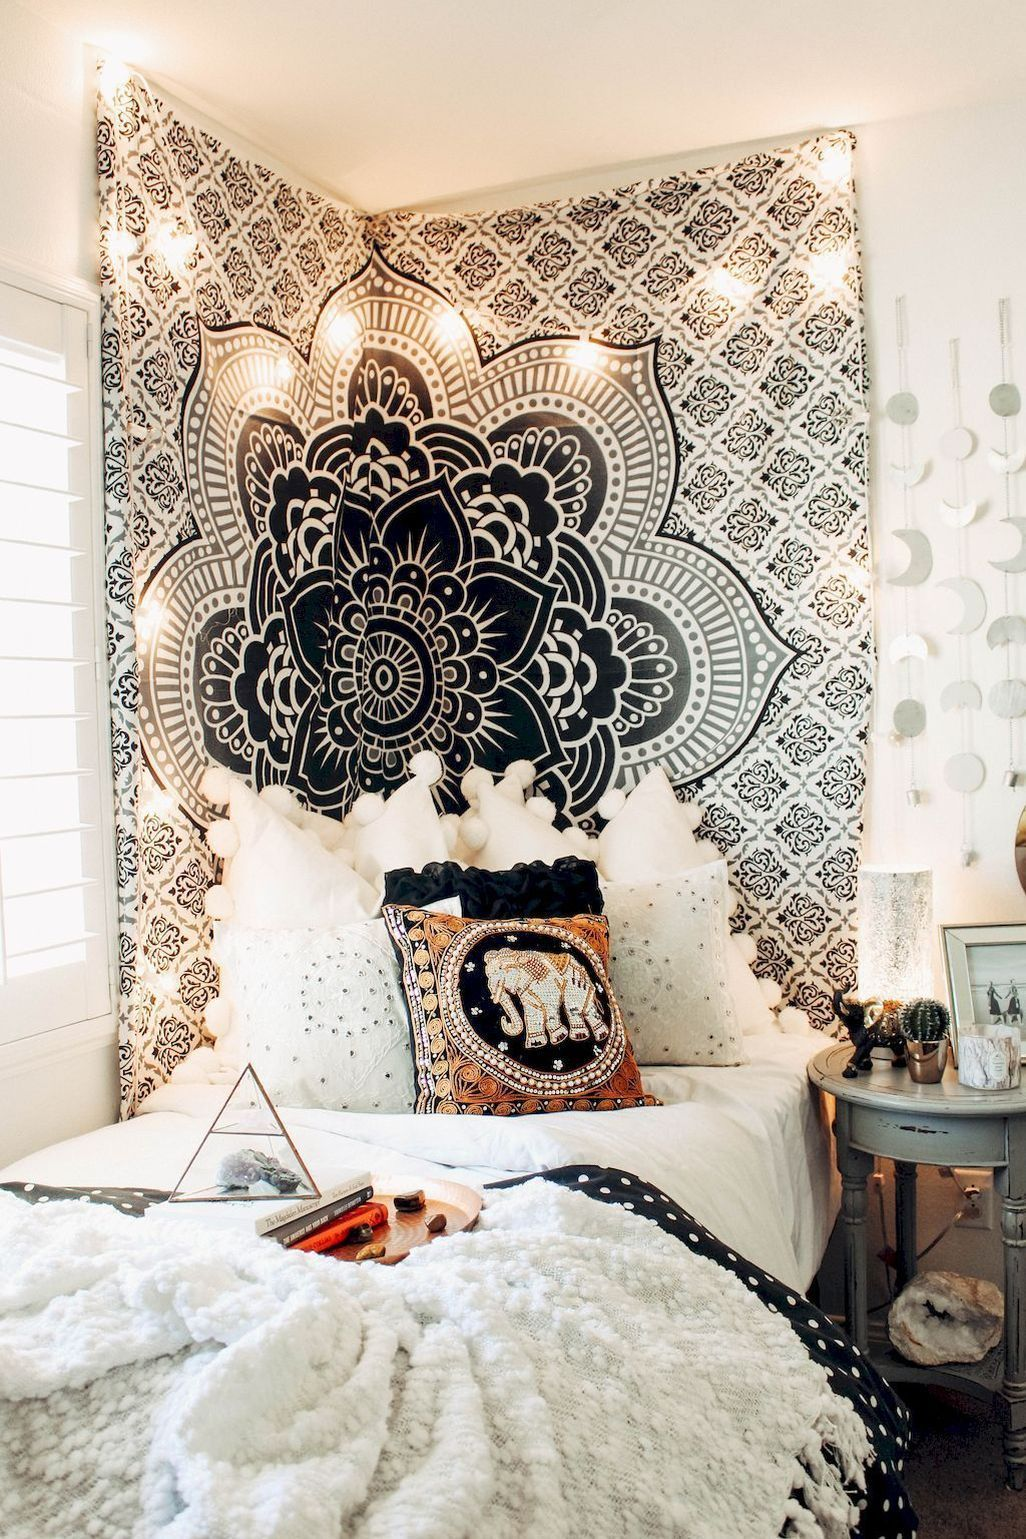 Épinglé par assamio banatito sur beautiful room <16  Idée chambre